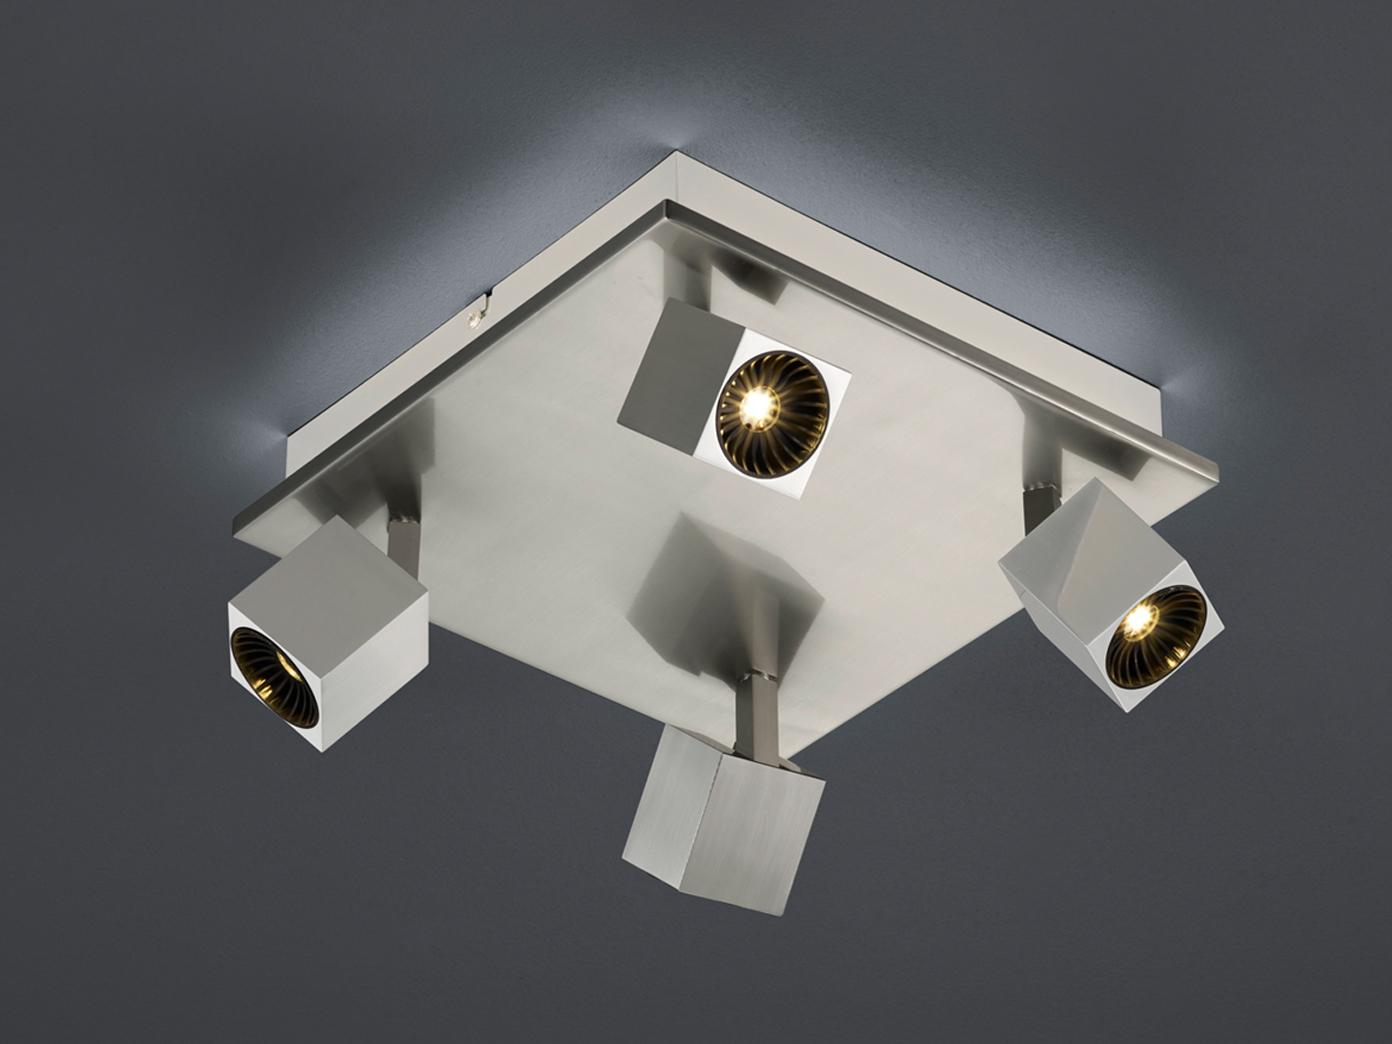 Eckige LED Deckenleuchte 4fl. Nickel matt indirekte Beleuchtung für ...